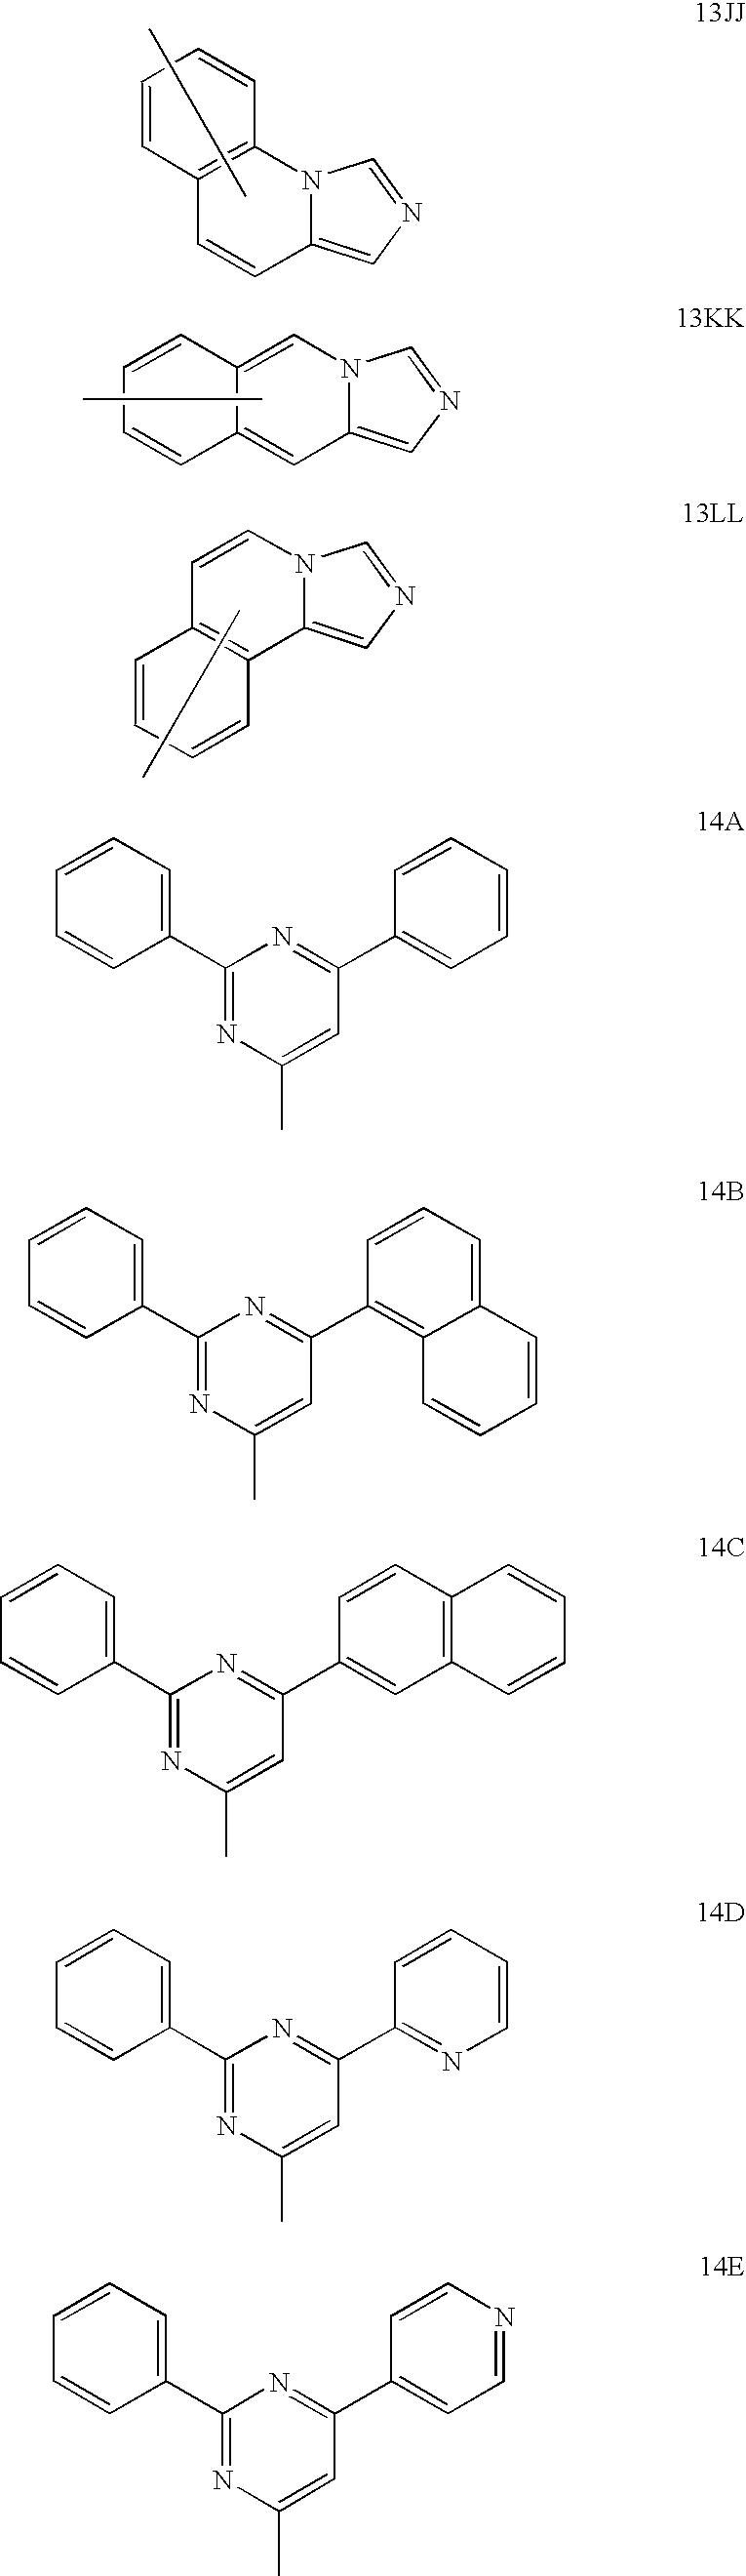 Figure US07875367-20110125-C00086